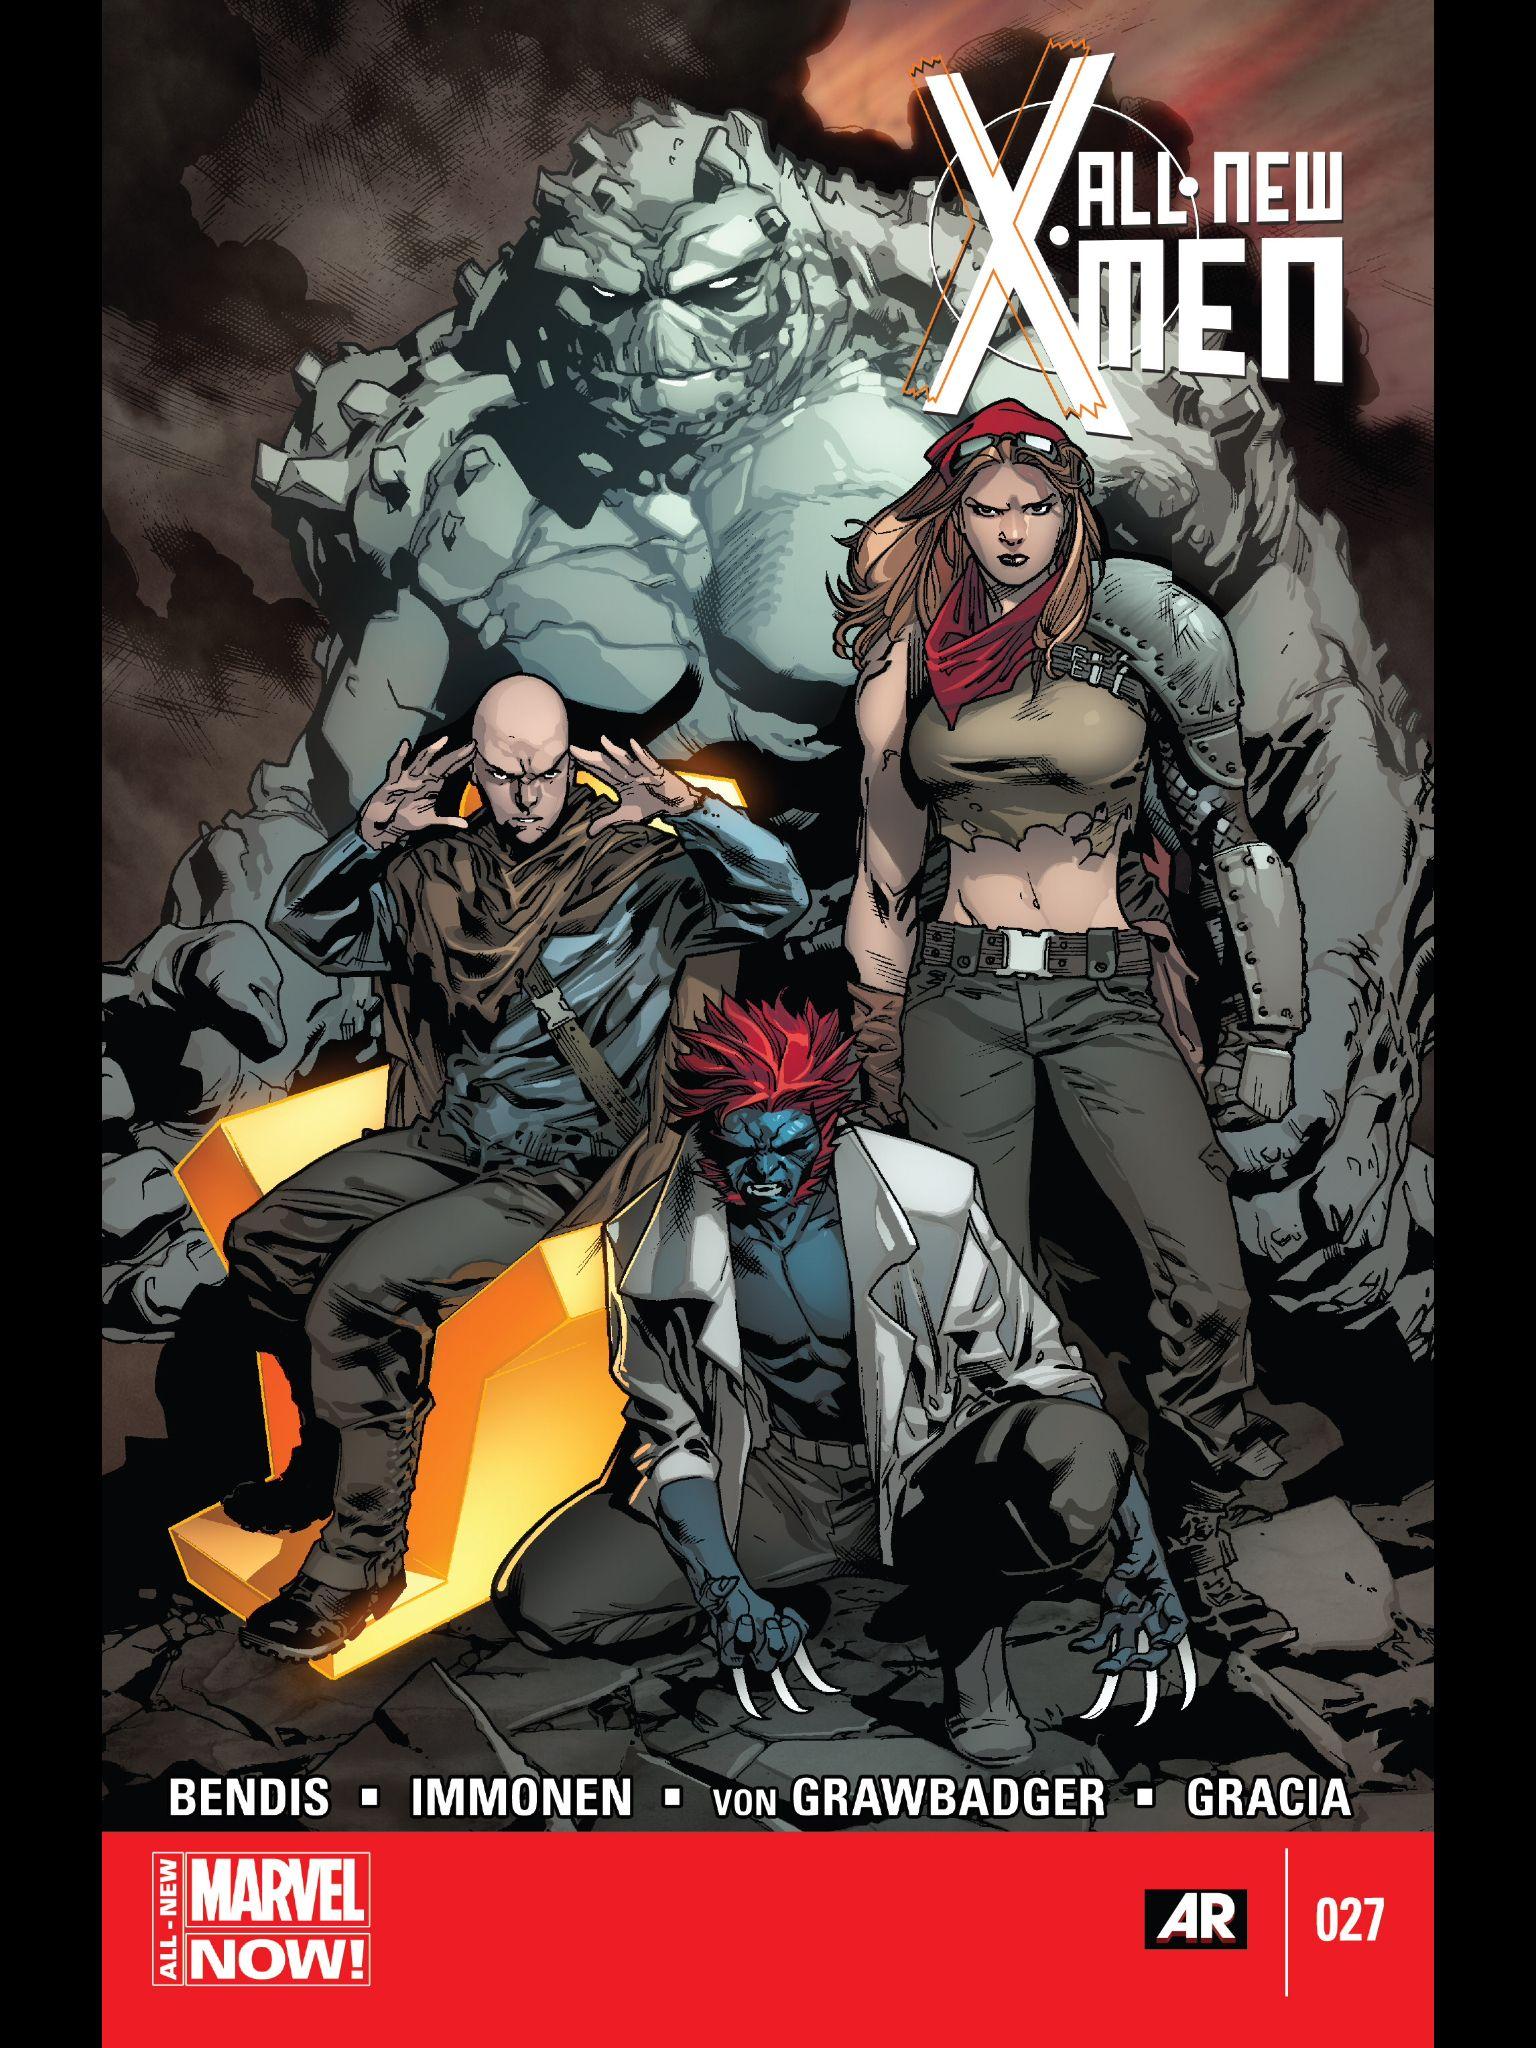 All New X-men #27